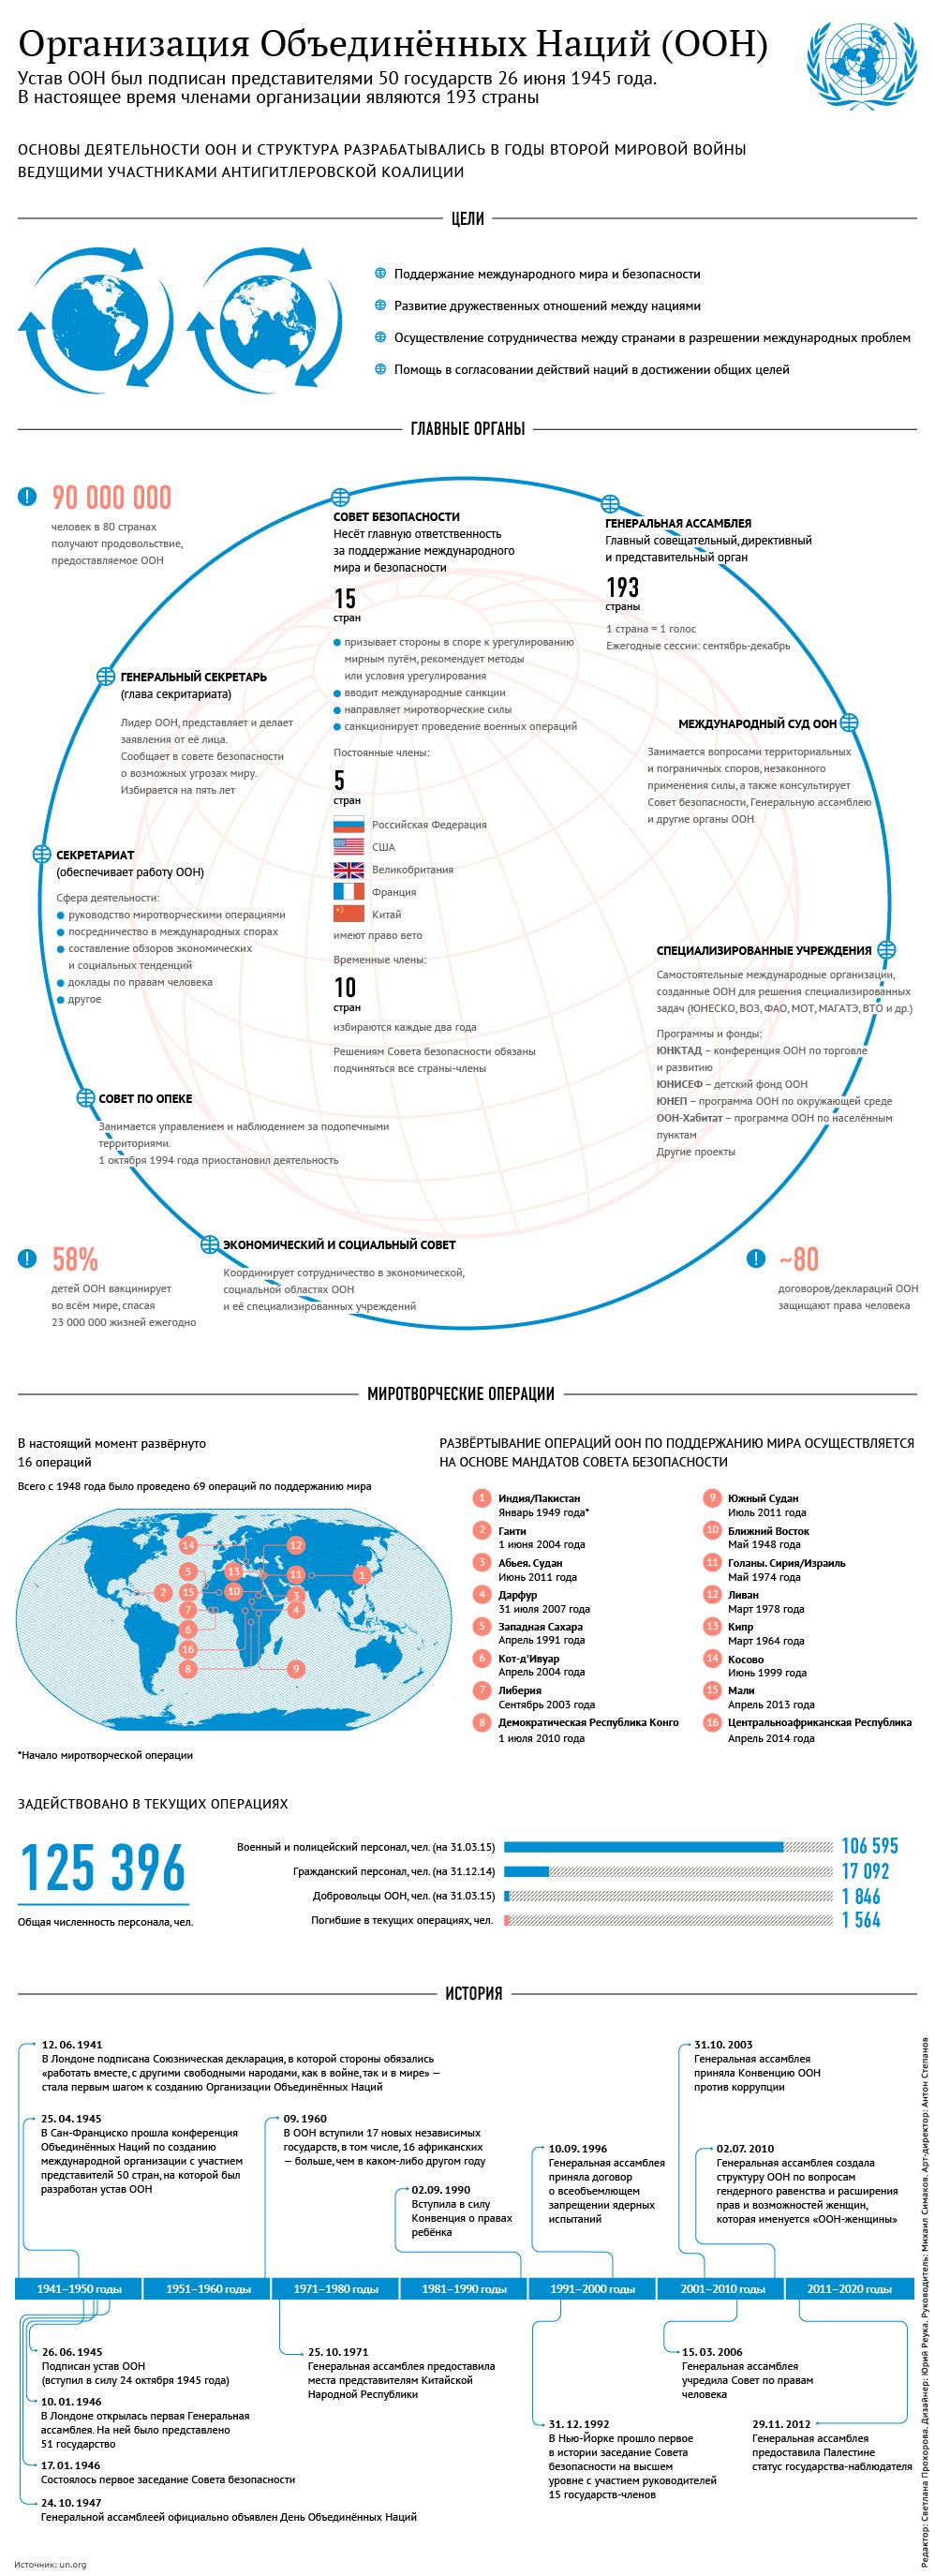 Миротворчество ООН